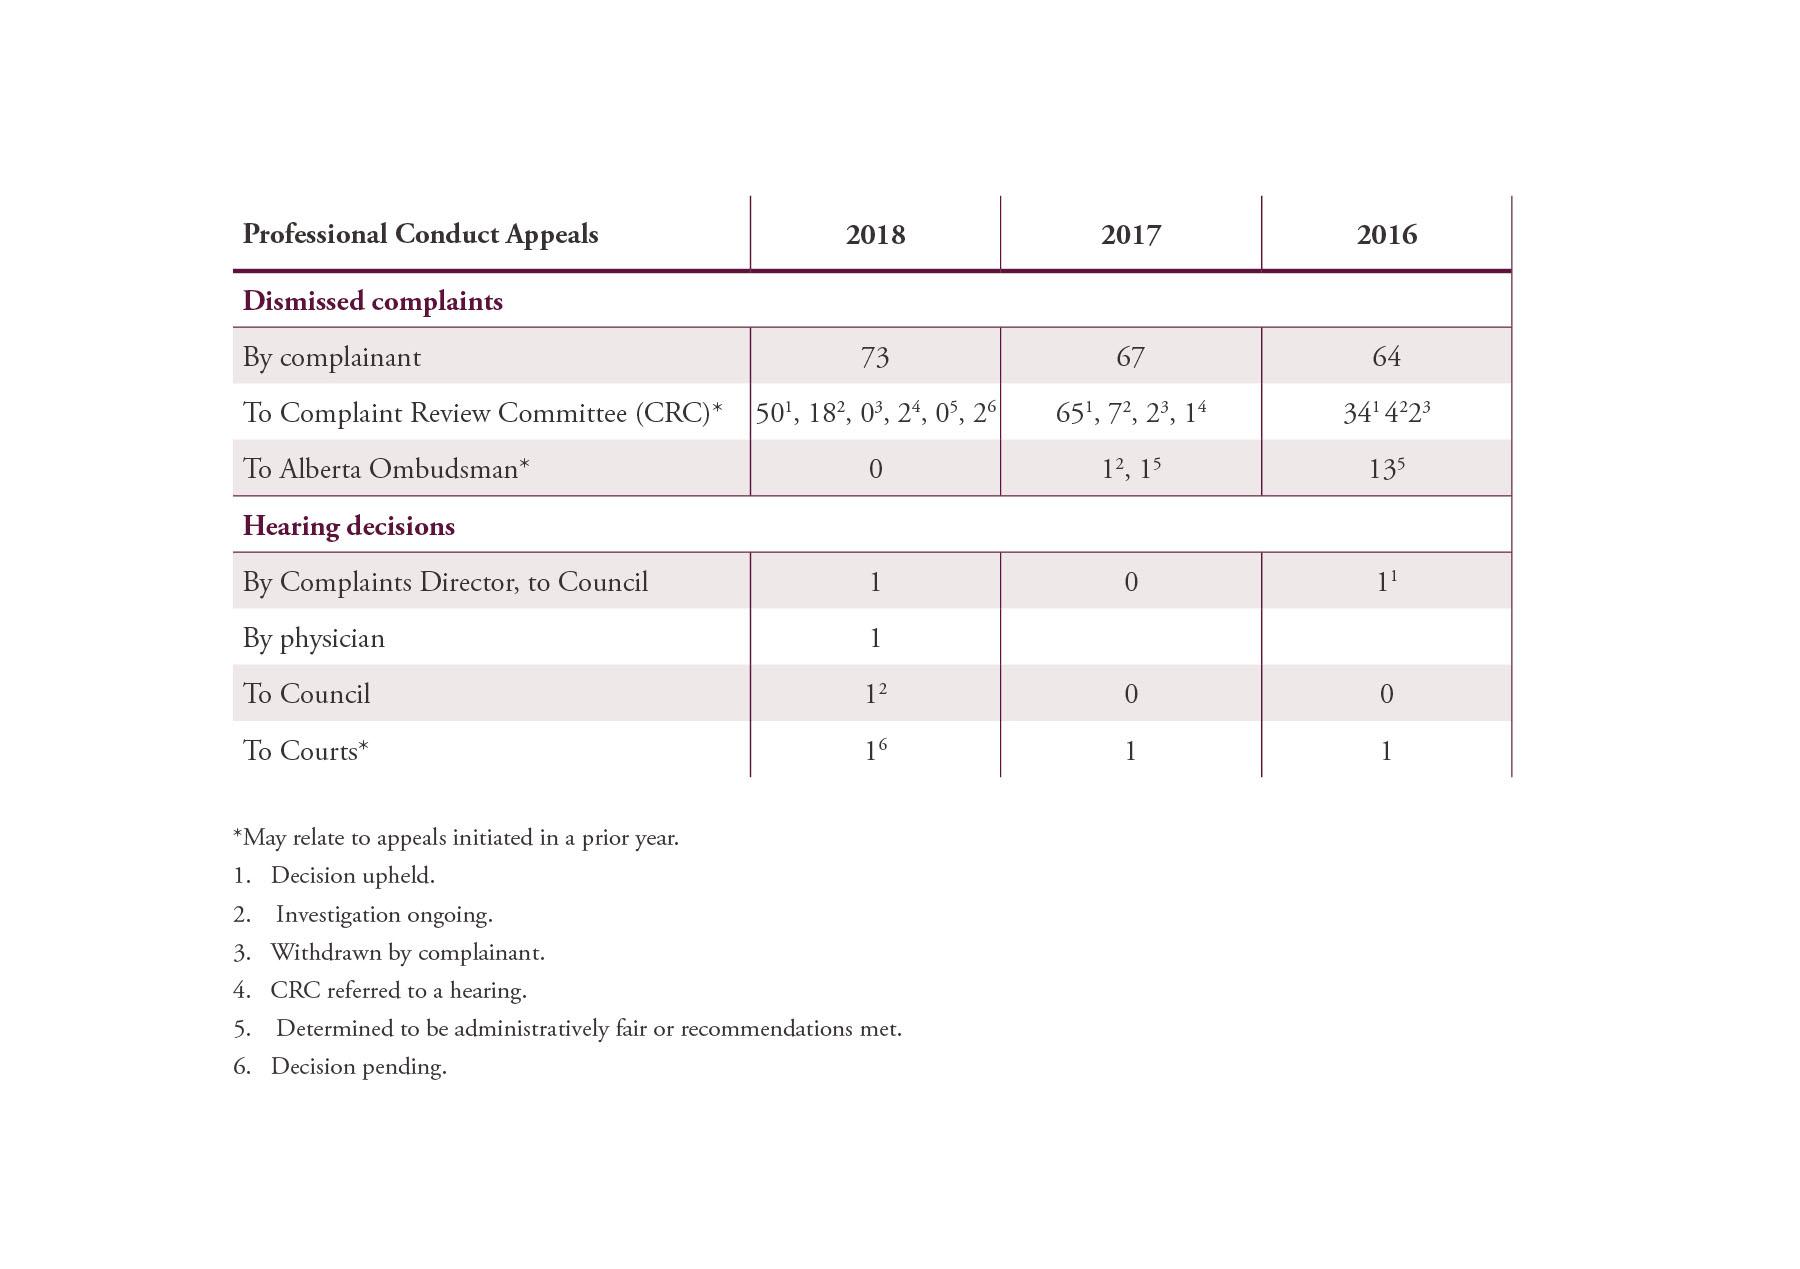 CPSA_AnnualReport_Tables_032919-32.jpg